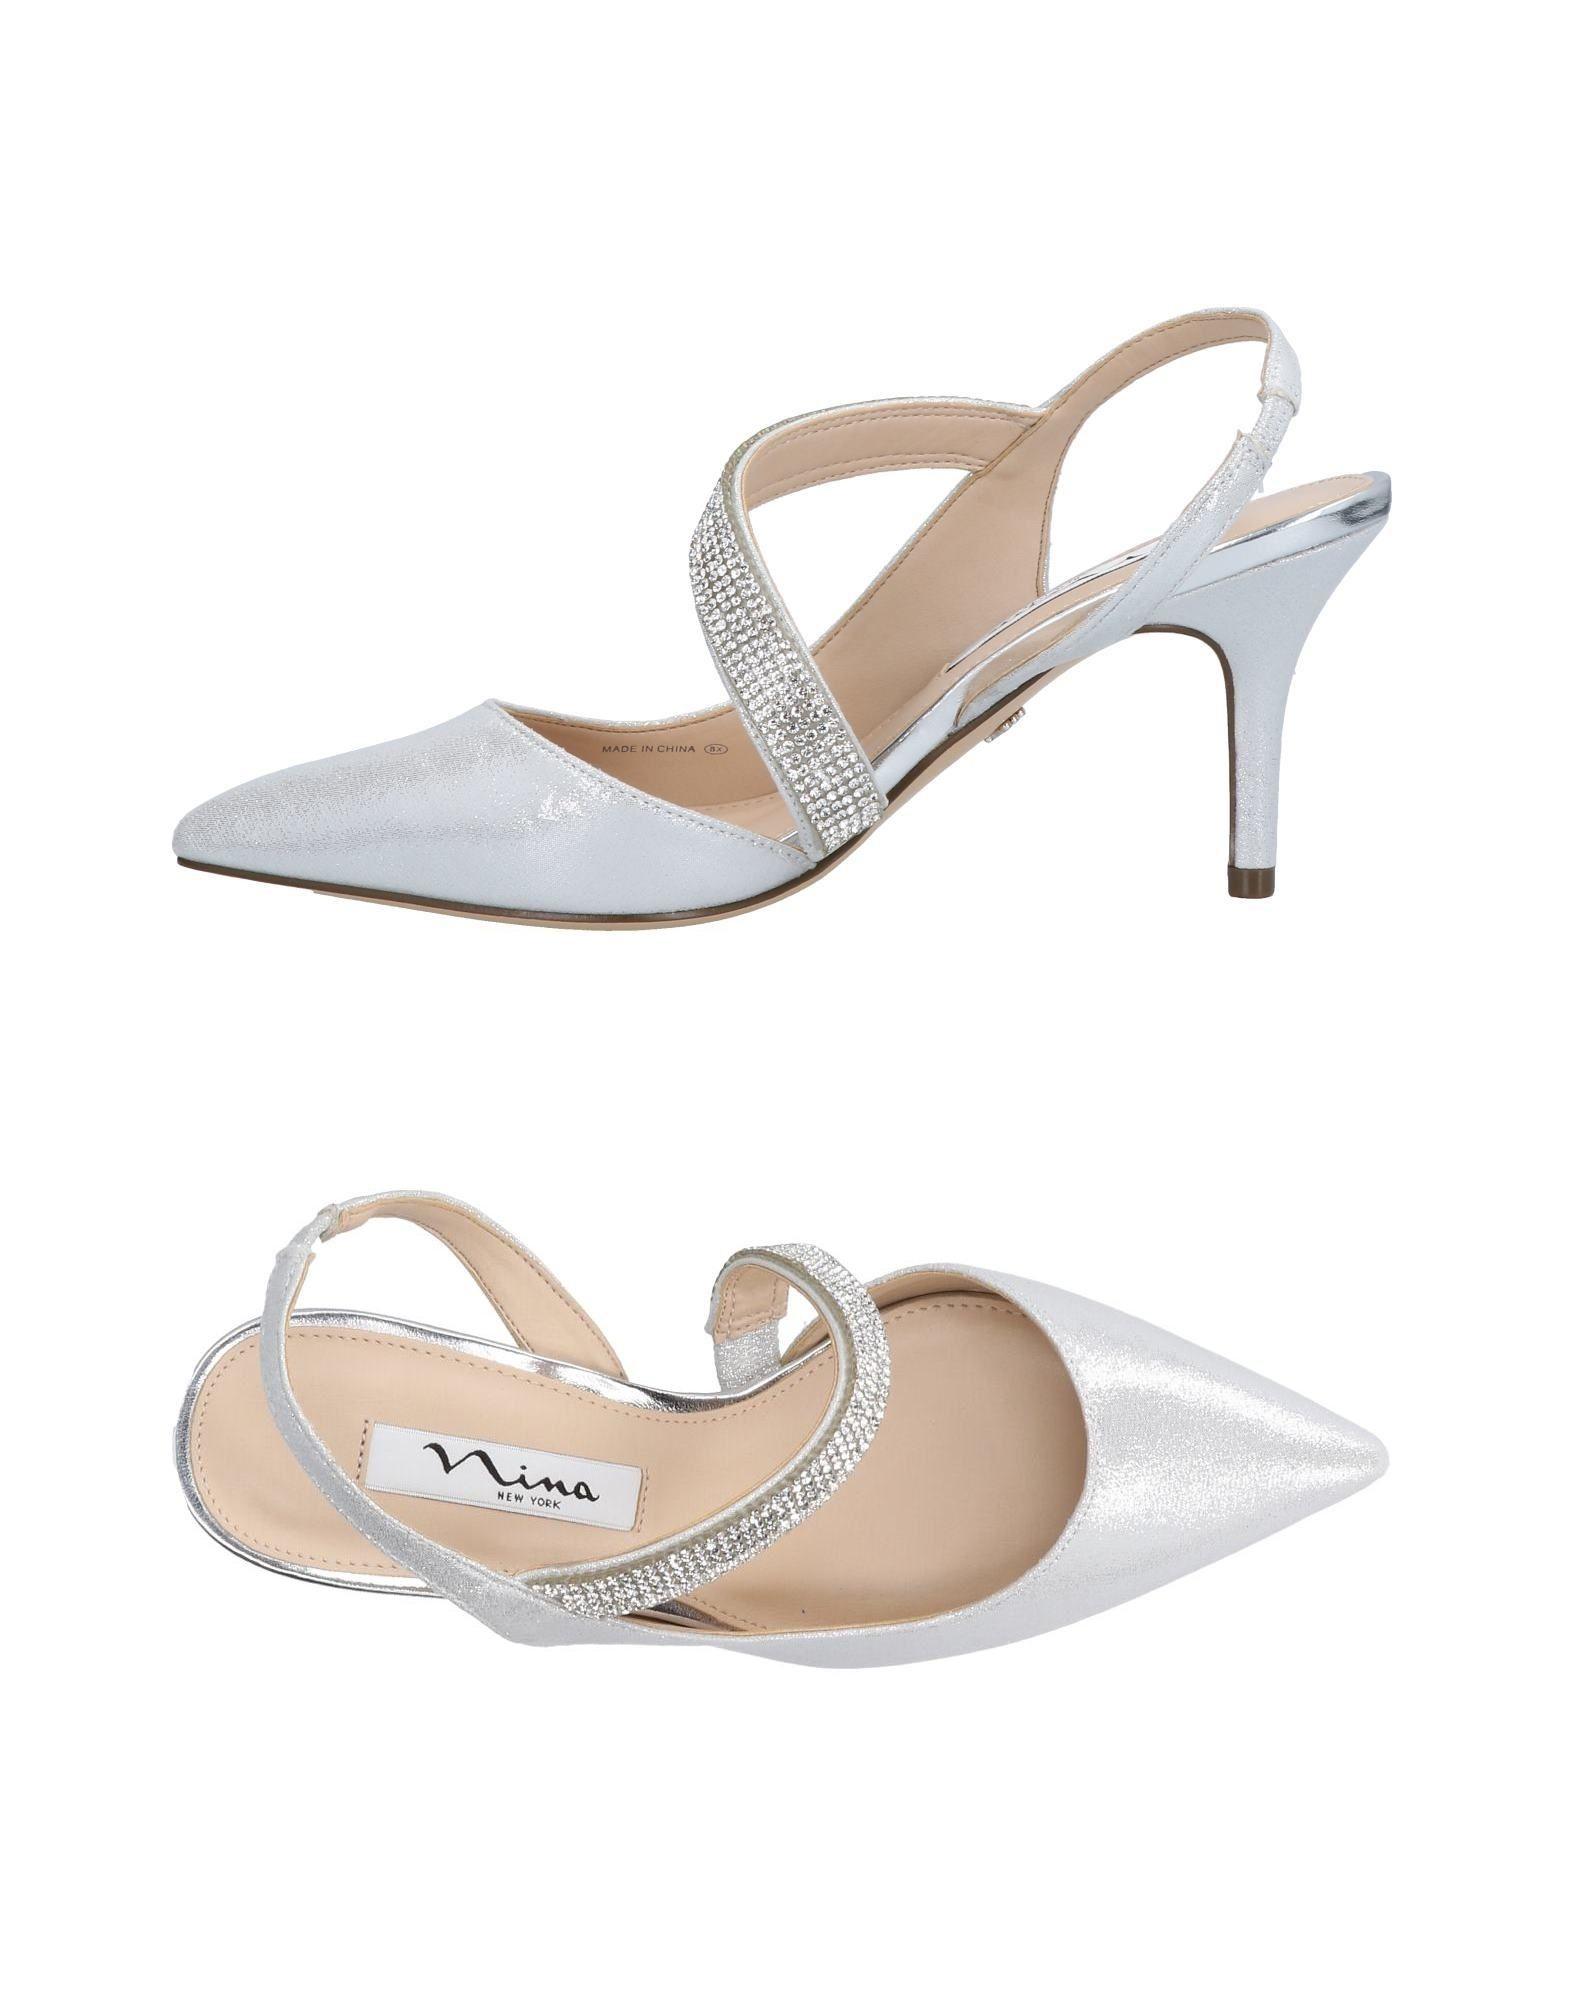 Nina New York Pumps Damen  11479291AO Gute Qualität beliebte Schuhe